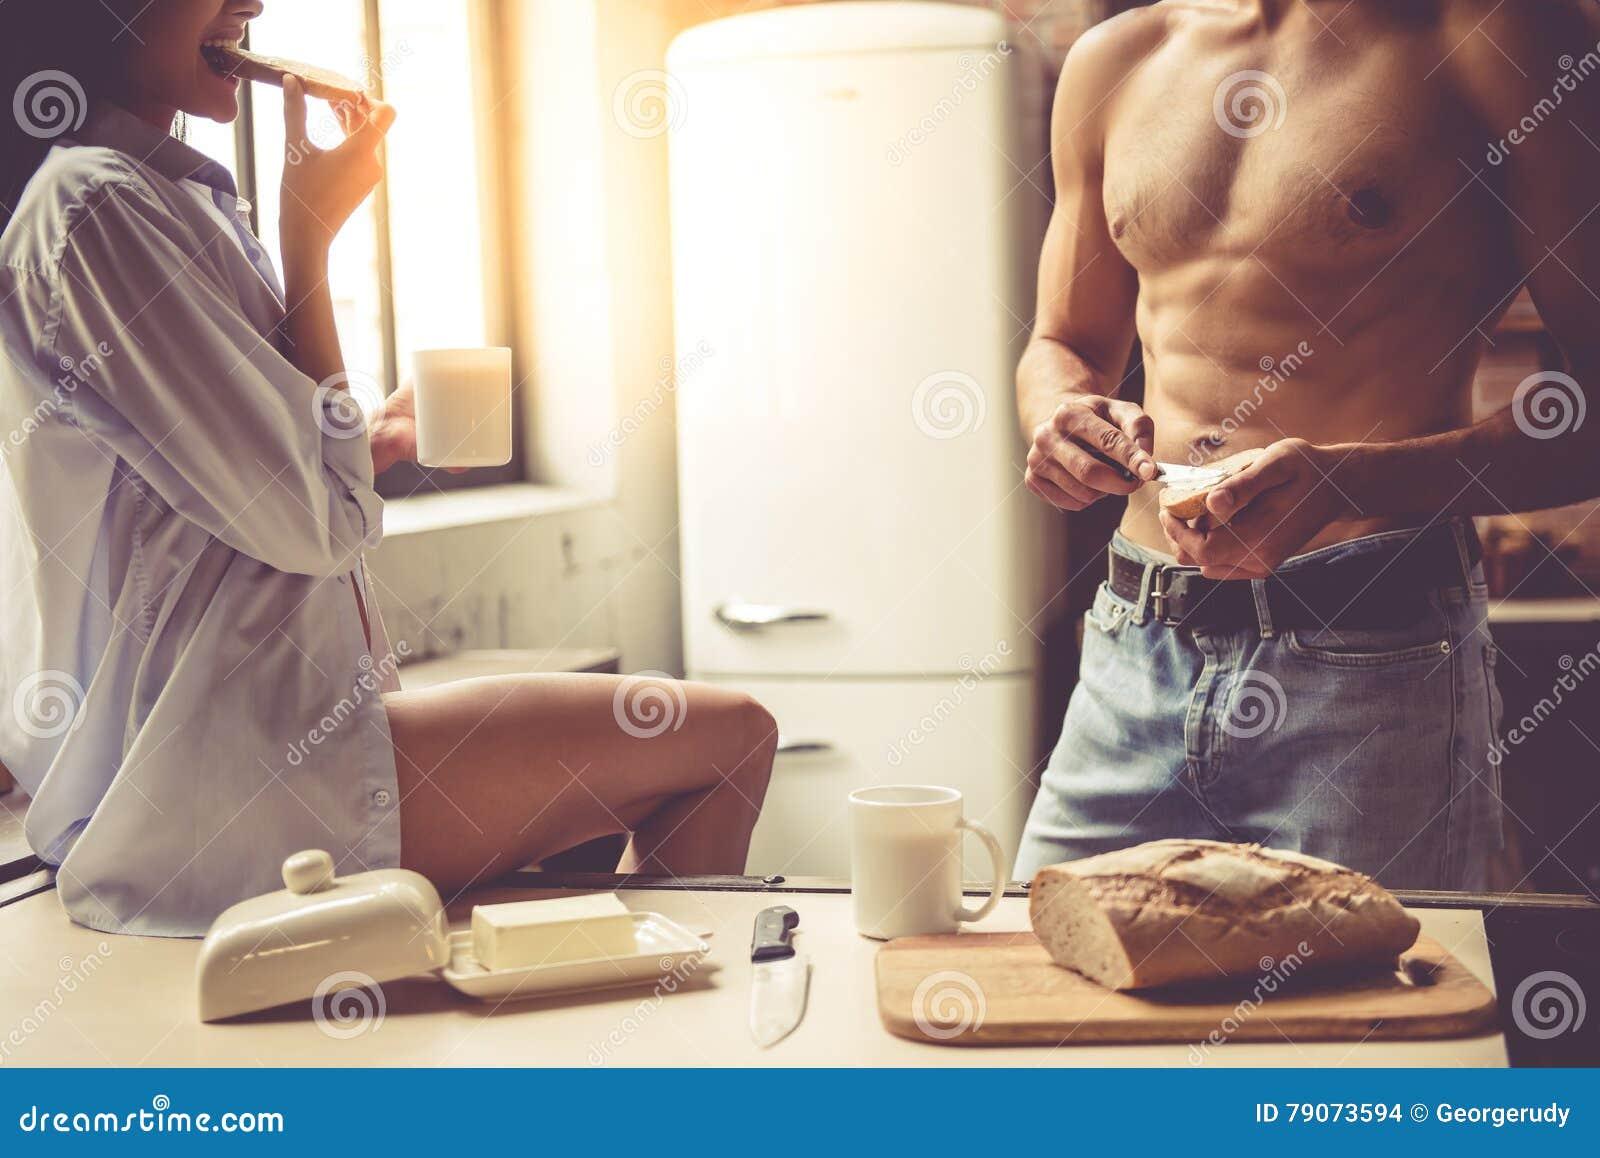 Секс на кухне в гостях, Порно на Кухне, смотреть видео Секс на Кухне 20 фотография